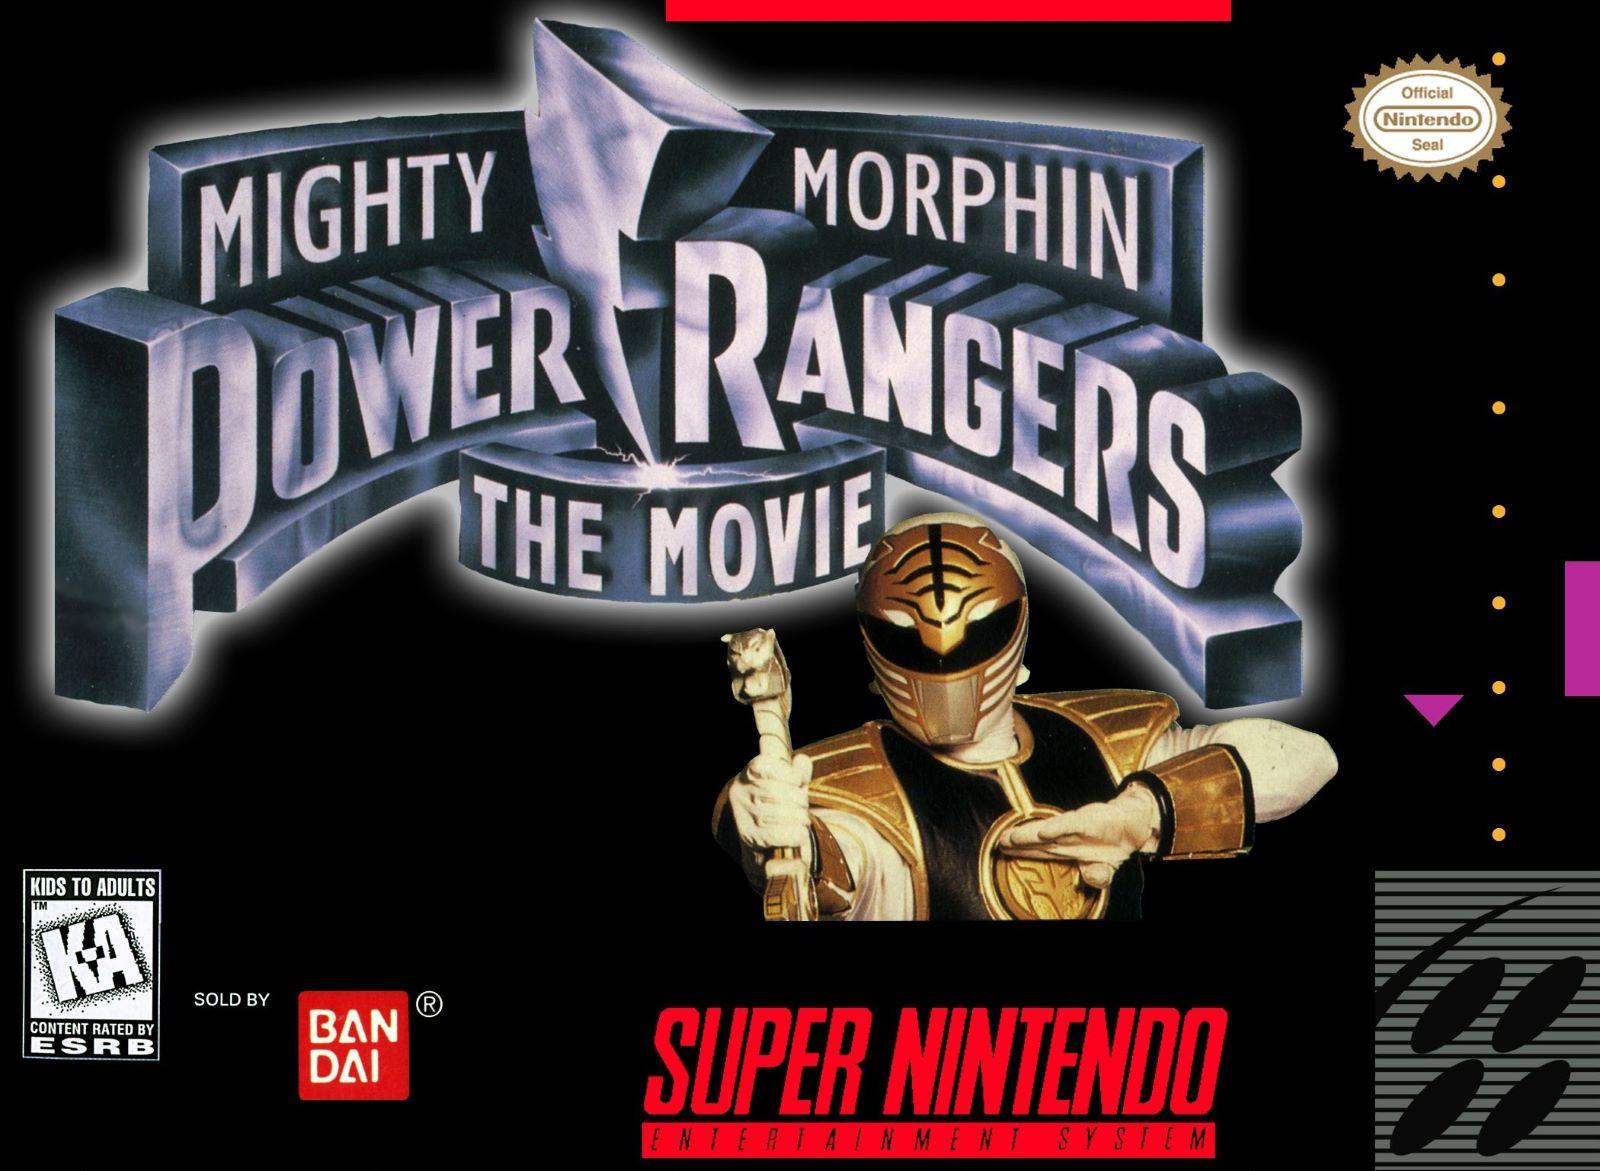 snes_mighty_morphin_power_rangersmovie_p_gnk4fs.jpg